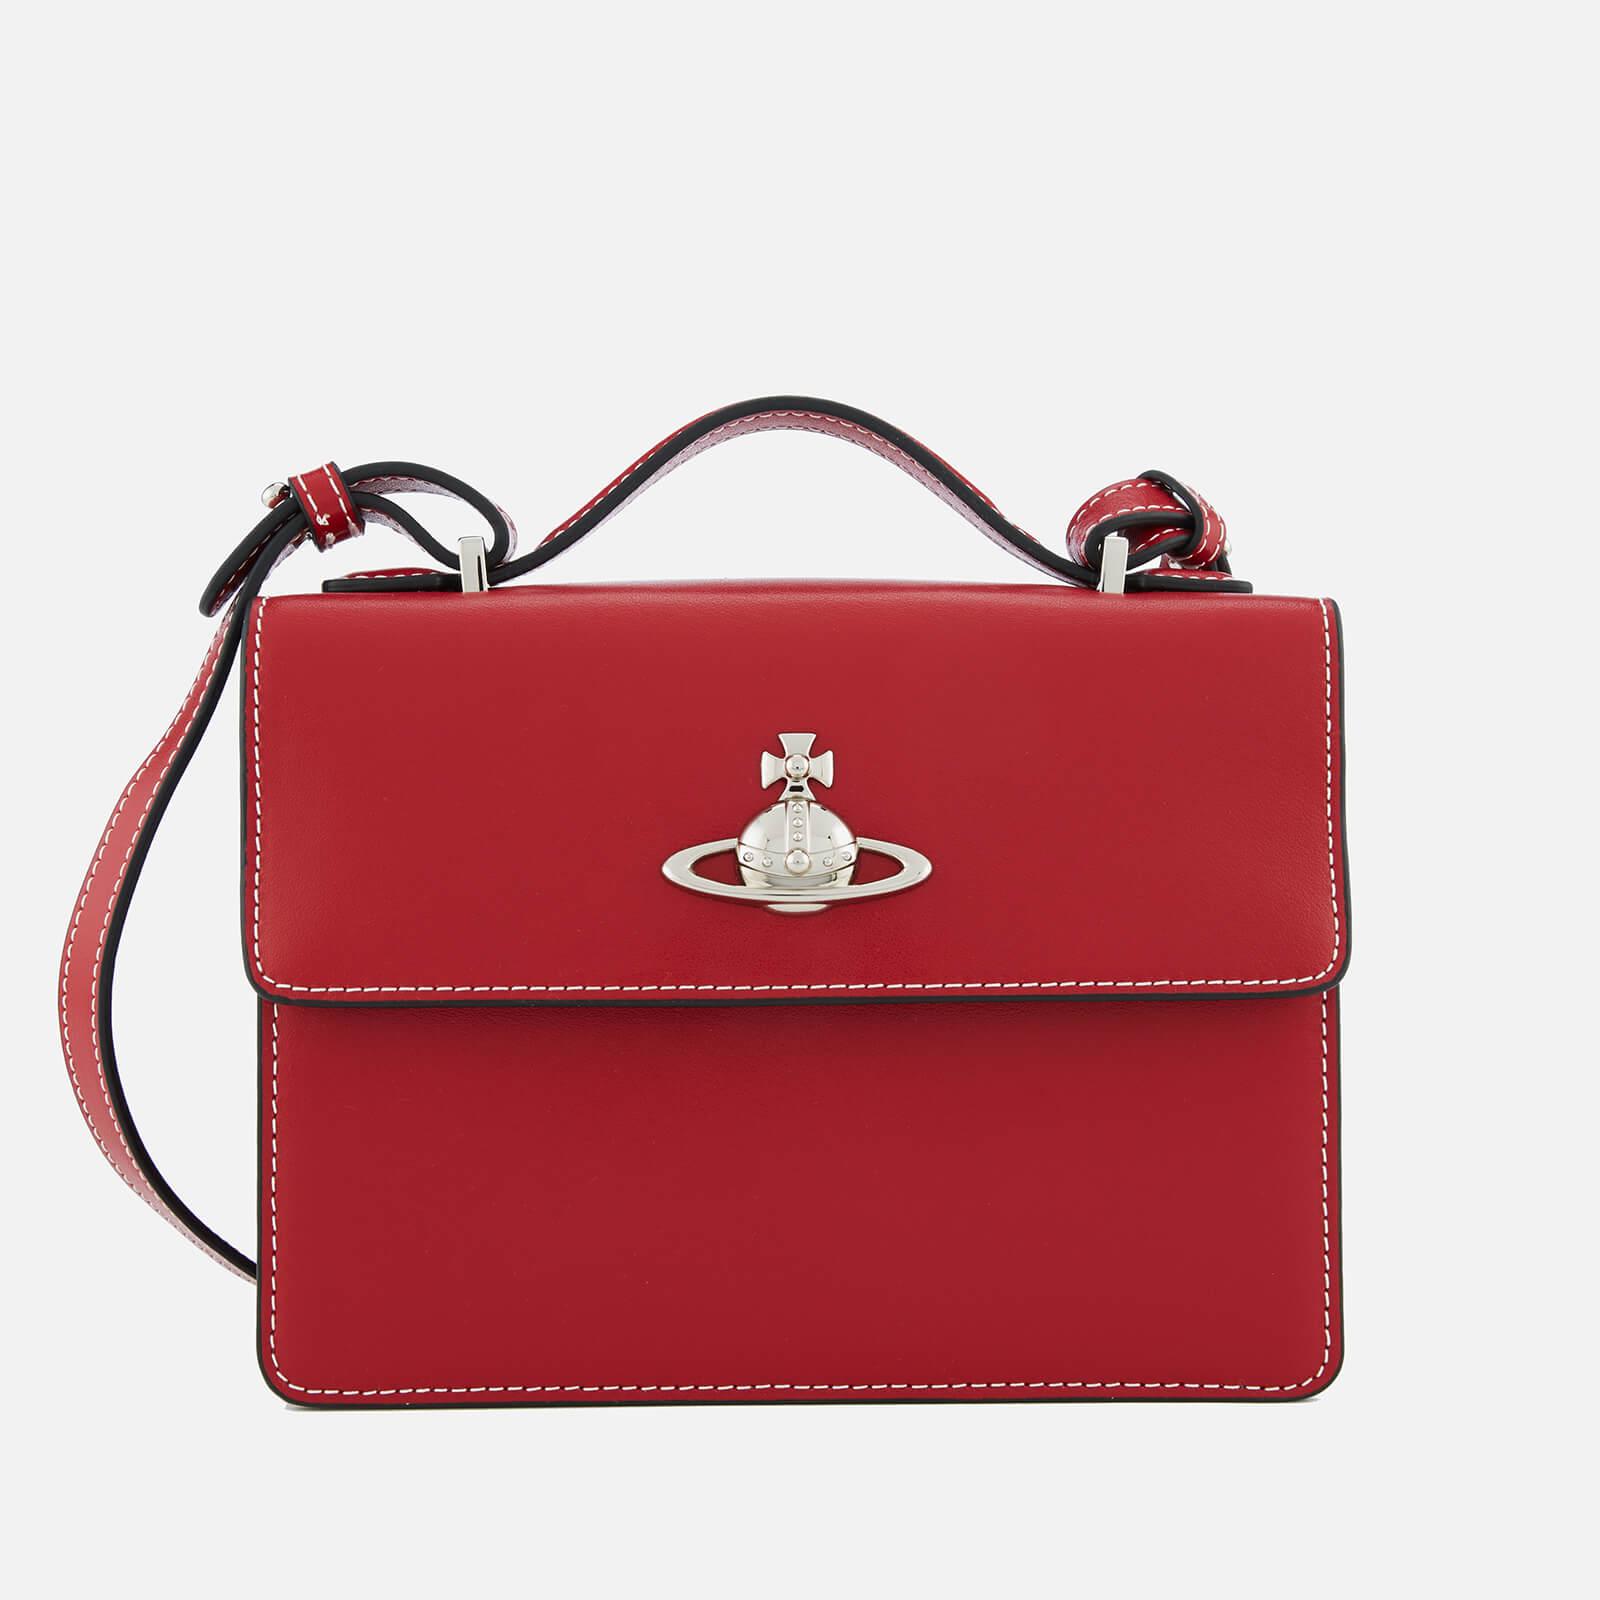 b1e5bd342e0 Vivienne Westwood Women's Matilda Medium Shoulder Bag - Red - Free UK  Delivery over £50